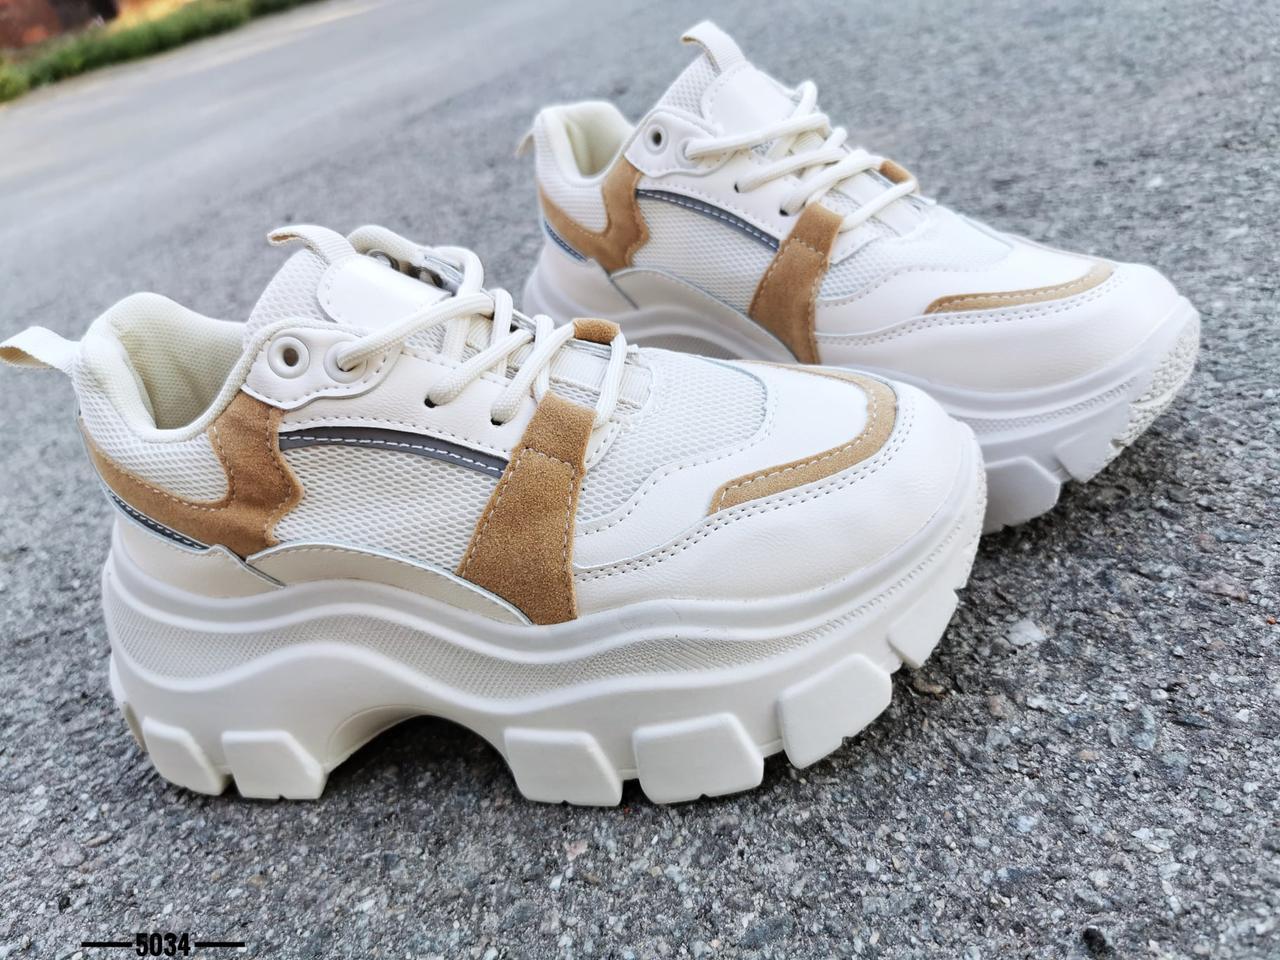 Молодёжные кроссовки на макси подошве 36-41 р белый+бежевый